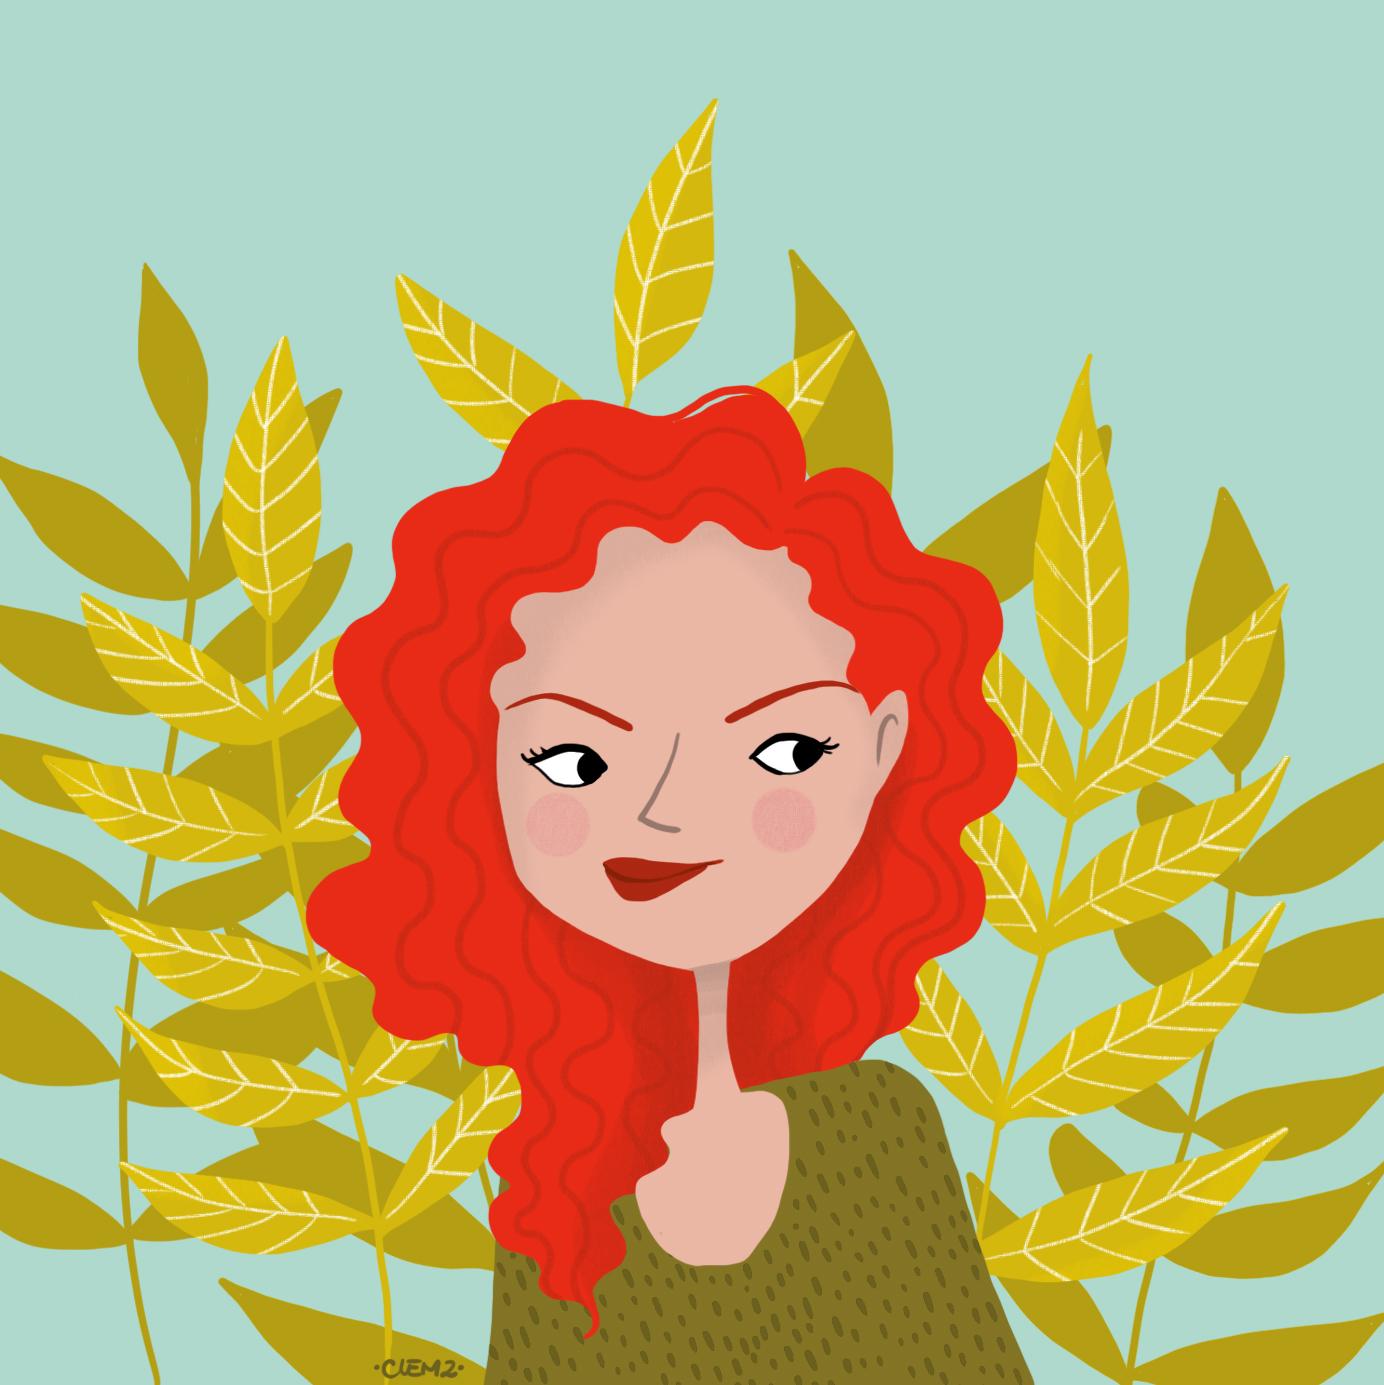 illustration fille rousse - lyon - paris - france